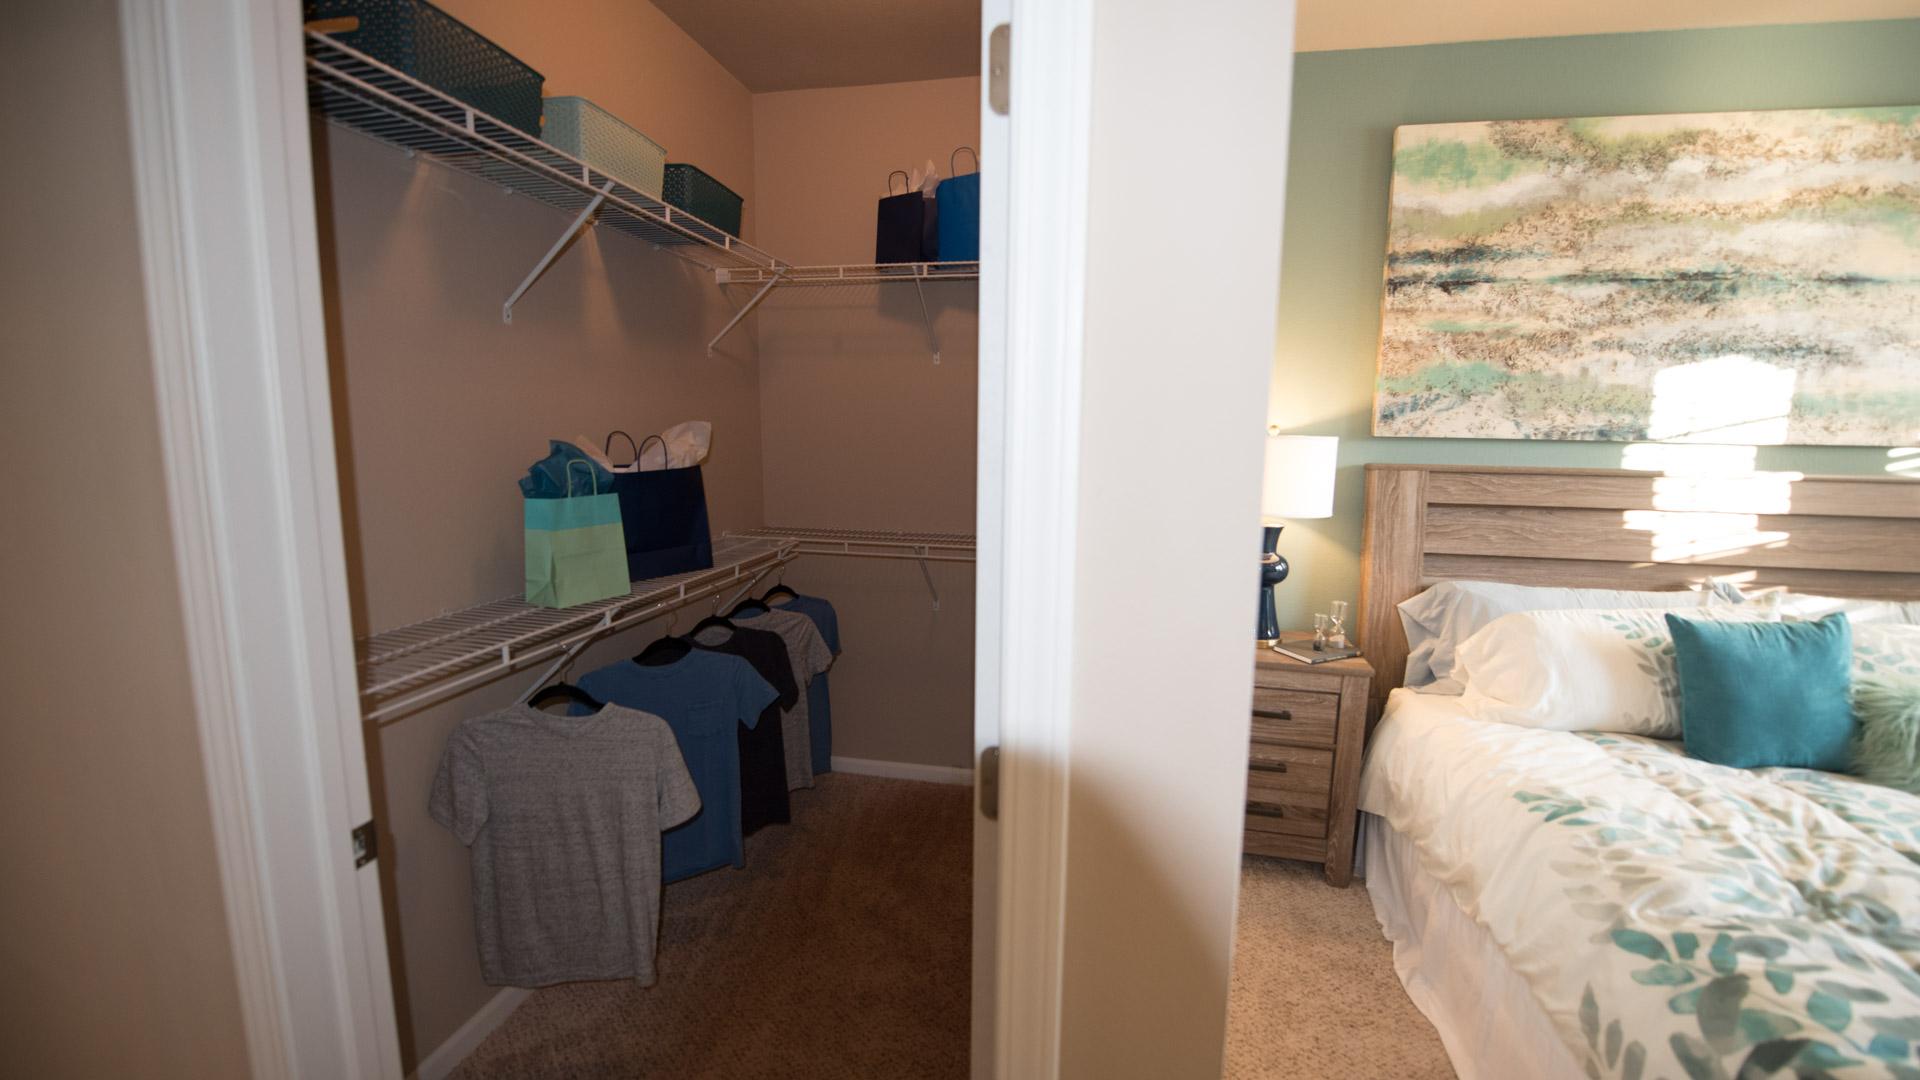 Walk-in closet and master bedroom at Springs at Kenosha apartments in Kenosha WI